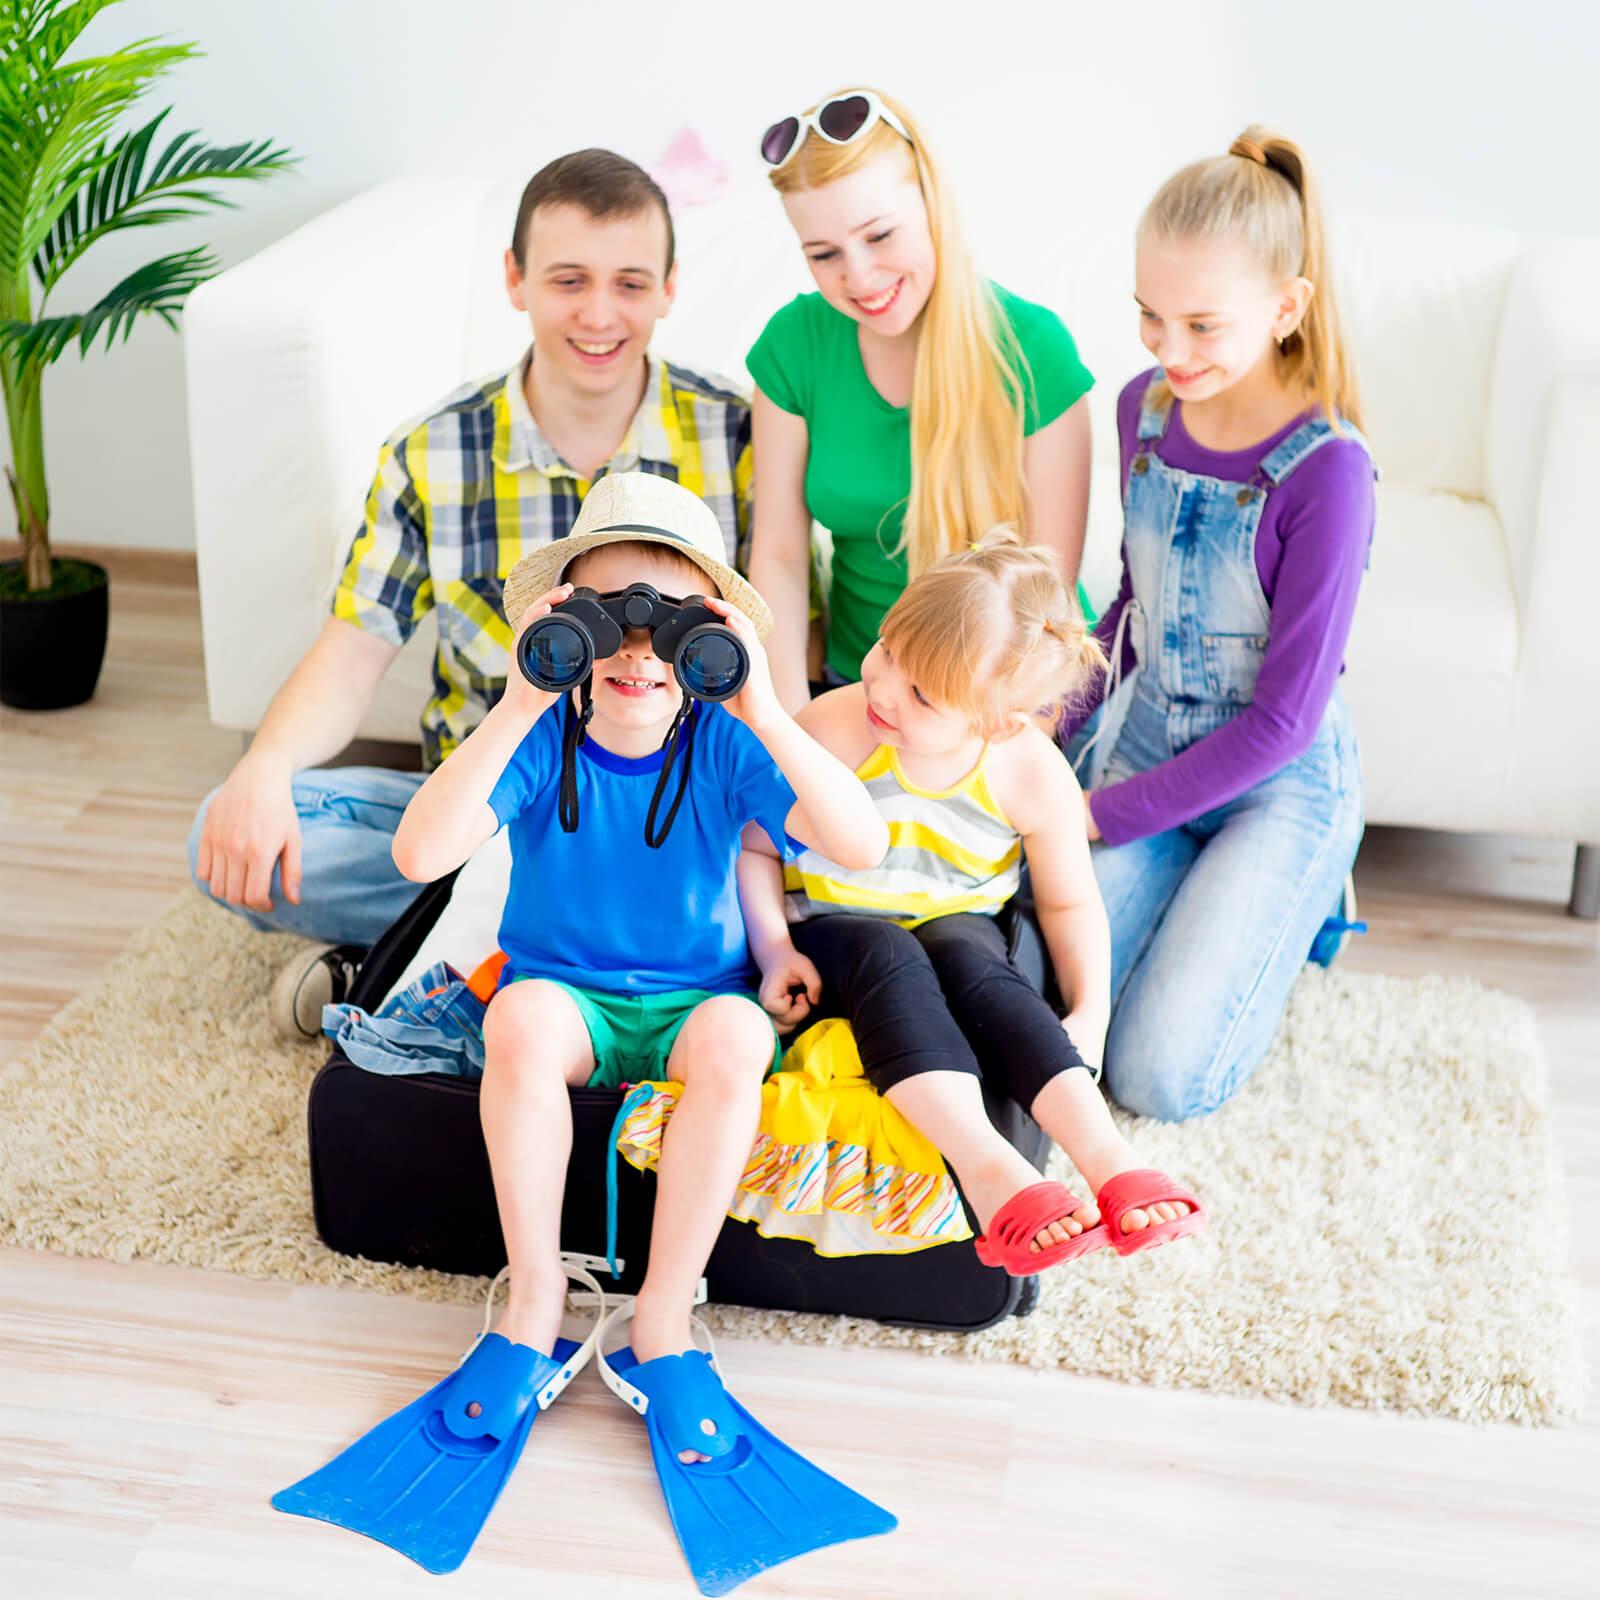 Blogartikel-Reisespiele-Ich-packe-meinen-Koffer